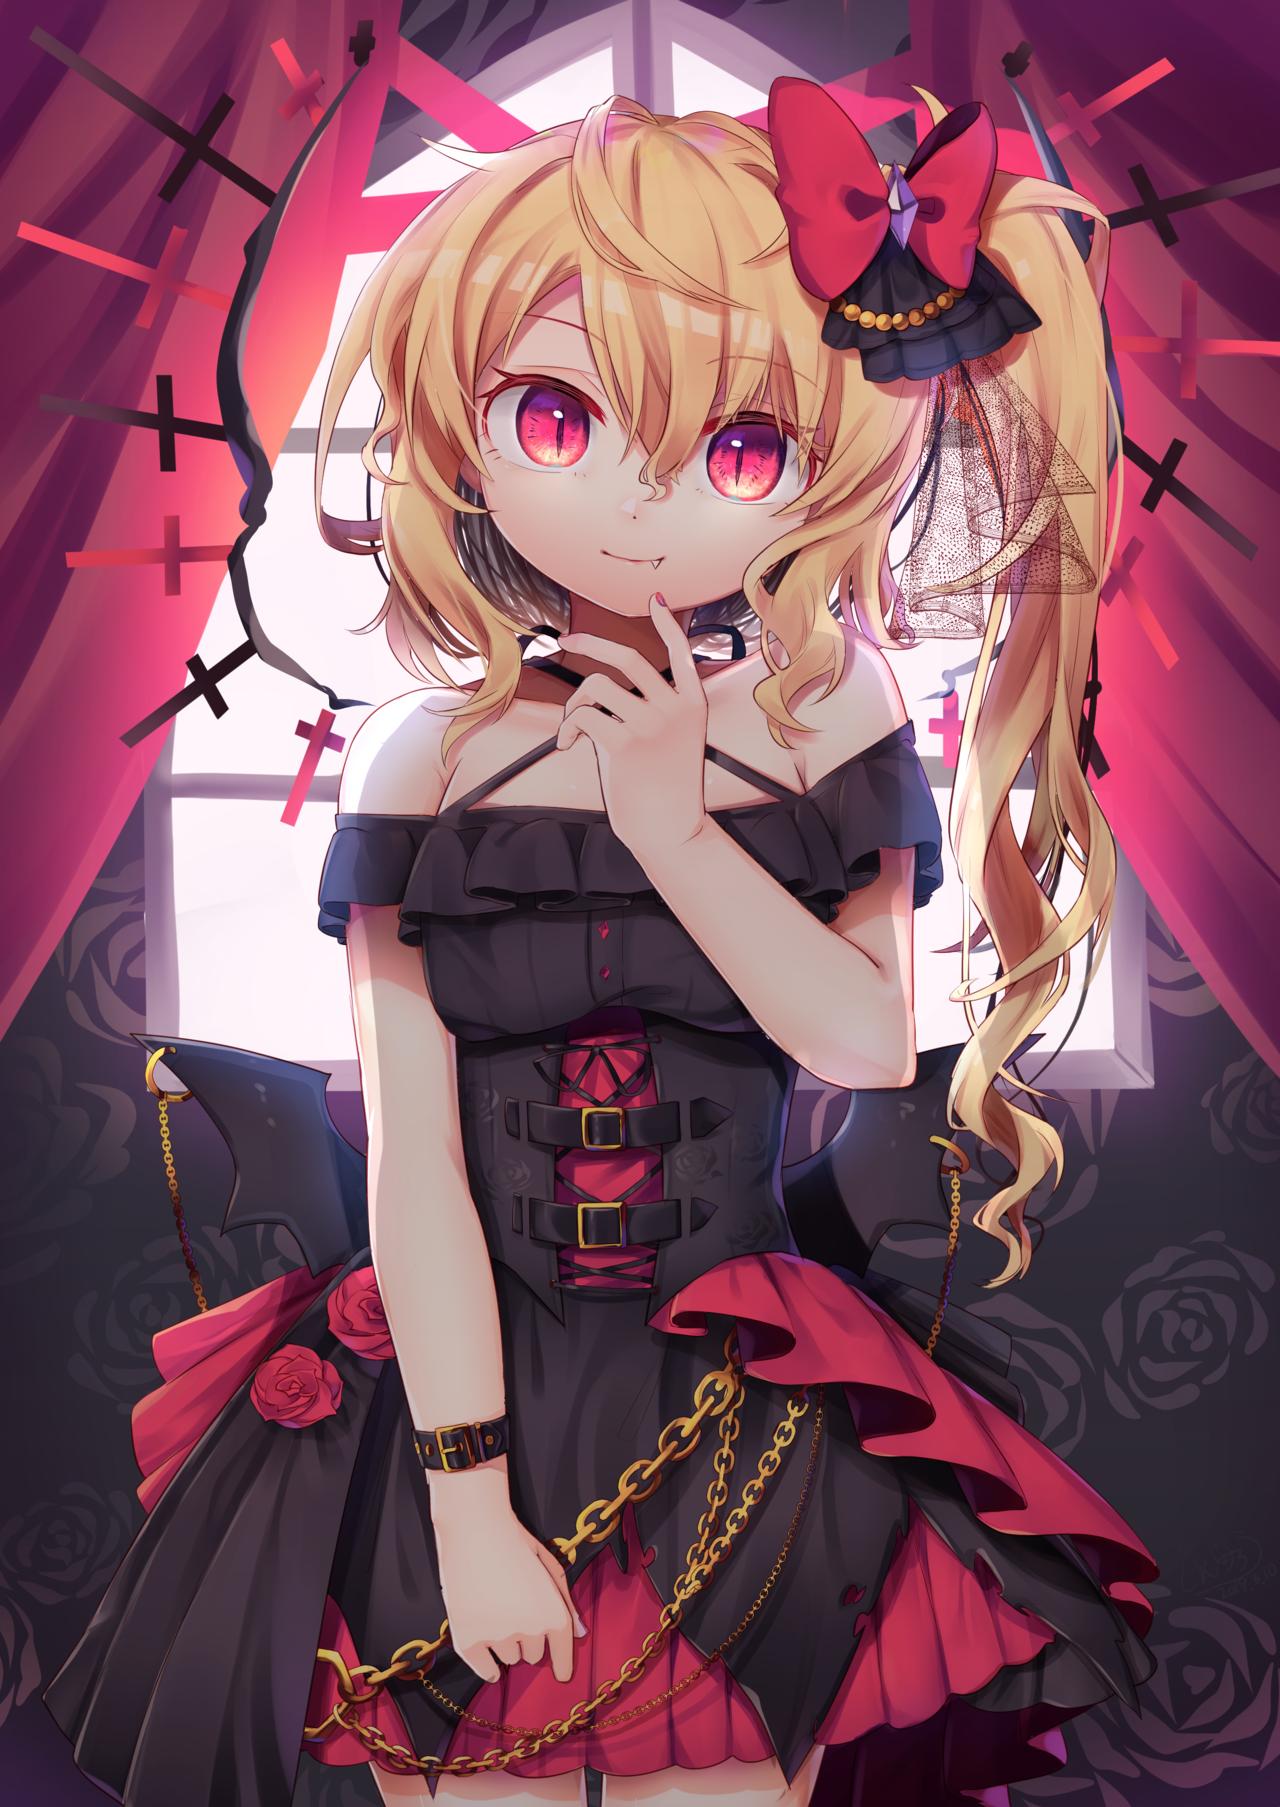 Cute vampire girl Flandre Scarlet Touhou Project fanart